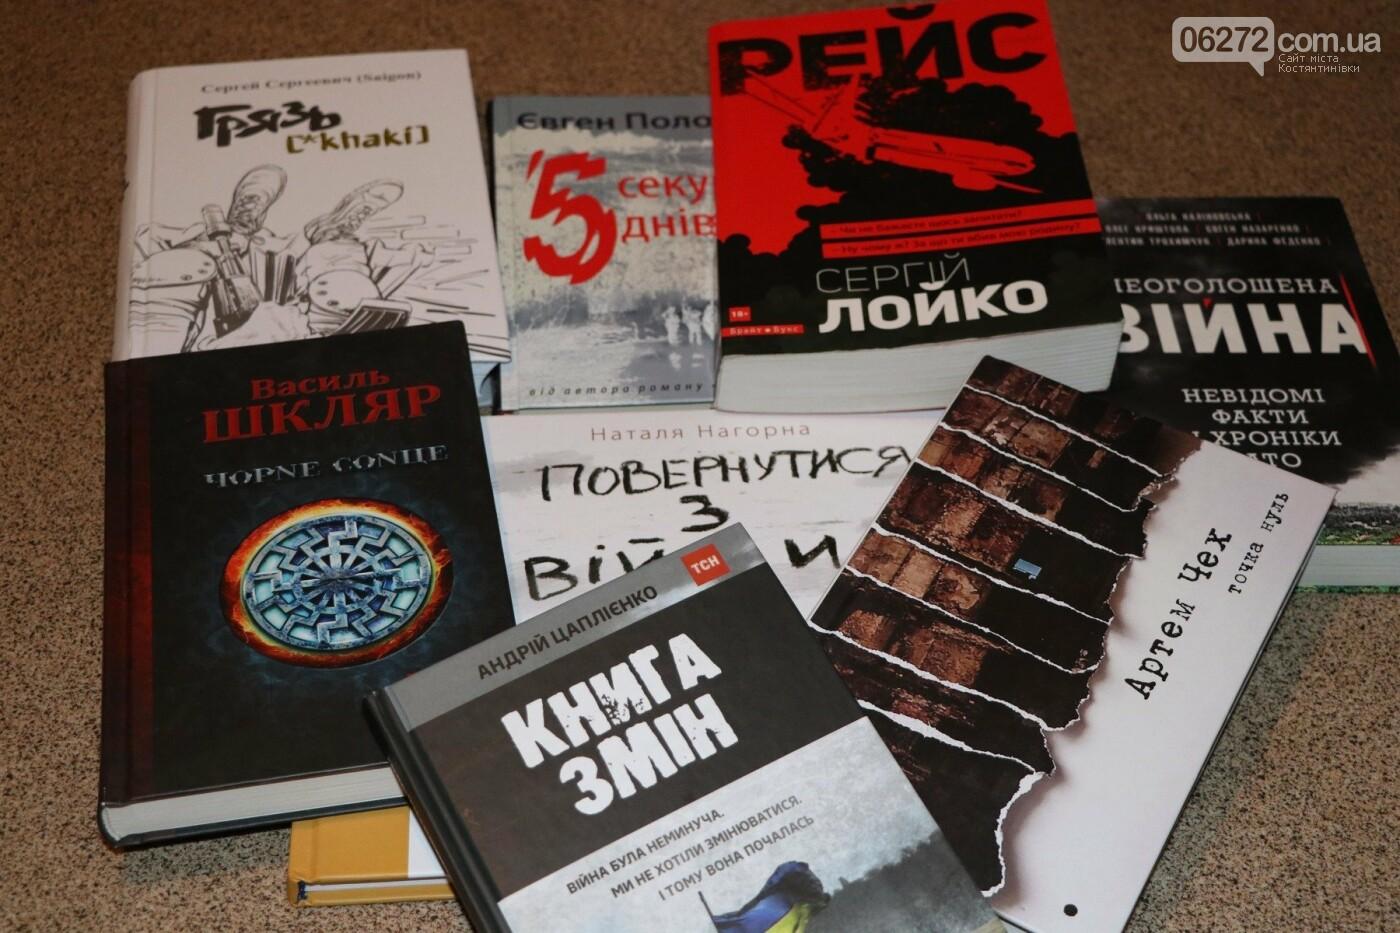 Чому я читаю книжки про сучасну війну (блог), фото-1